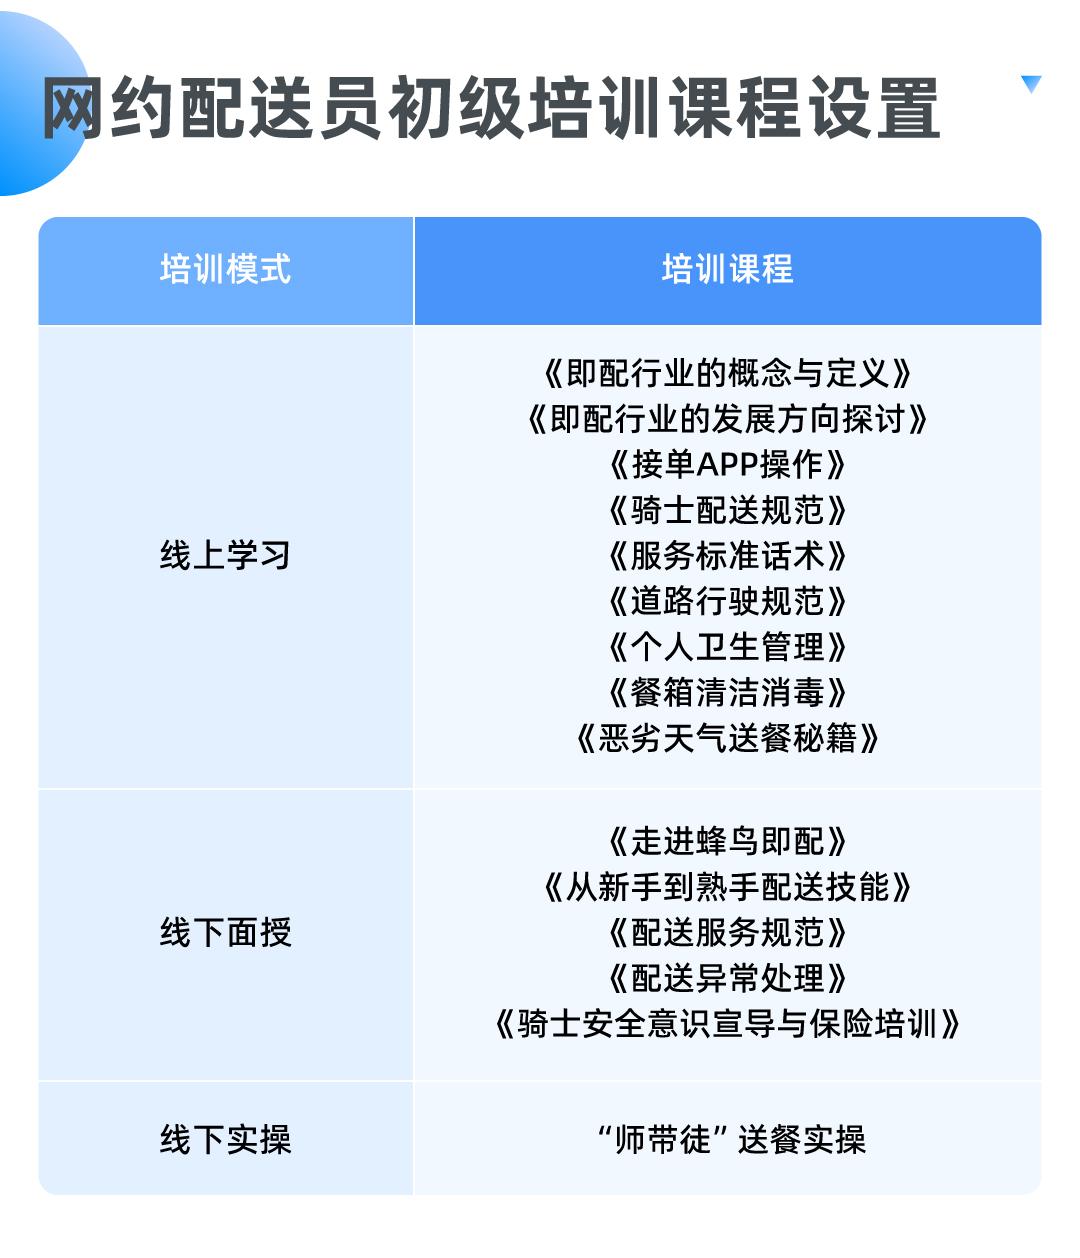 """上海首批""""网约配送员""""职业培训完成,培训还能获补贴"""